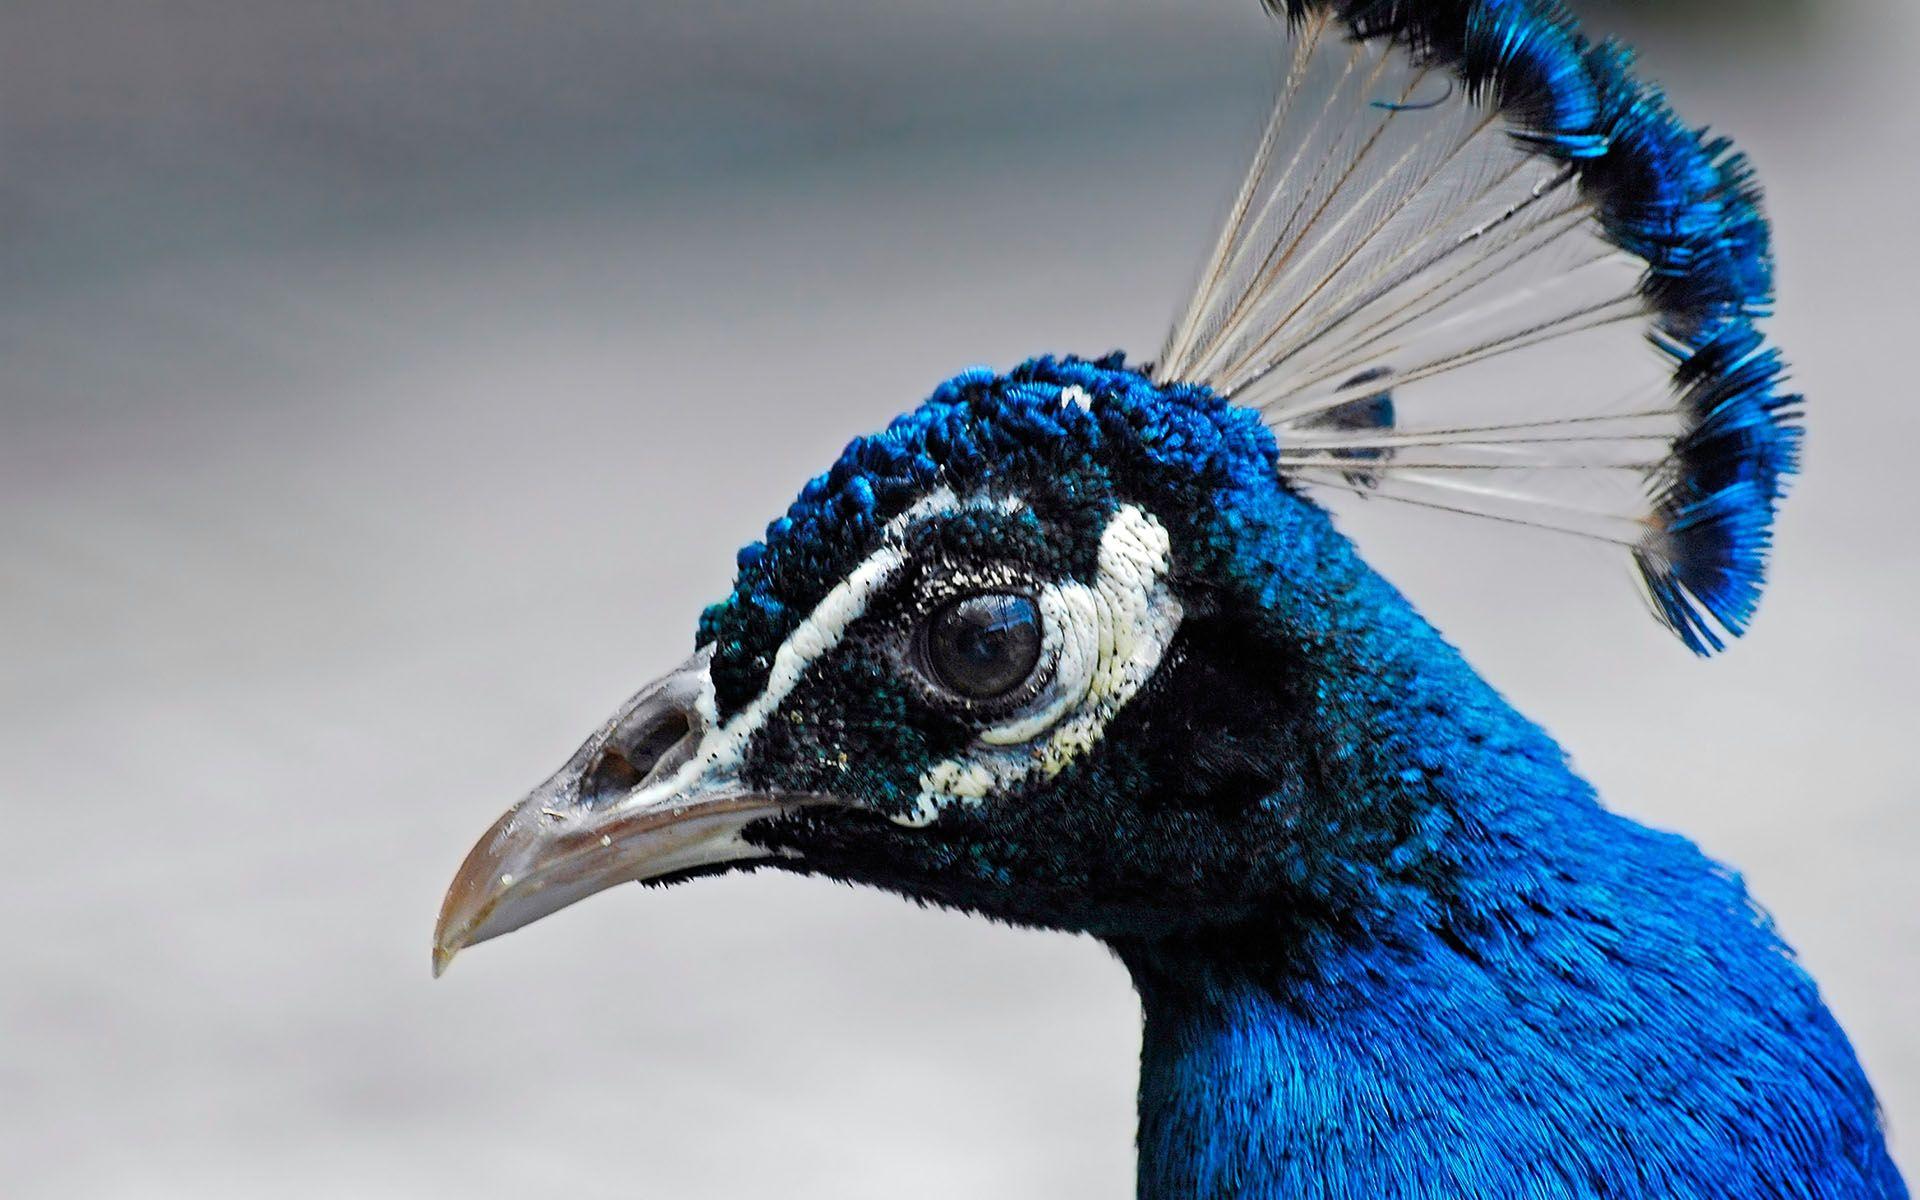 Синяя птица 1920x1200 244KB Птицы